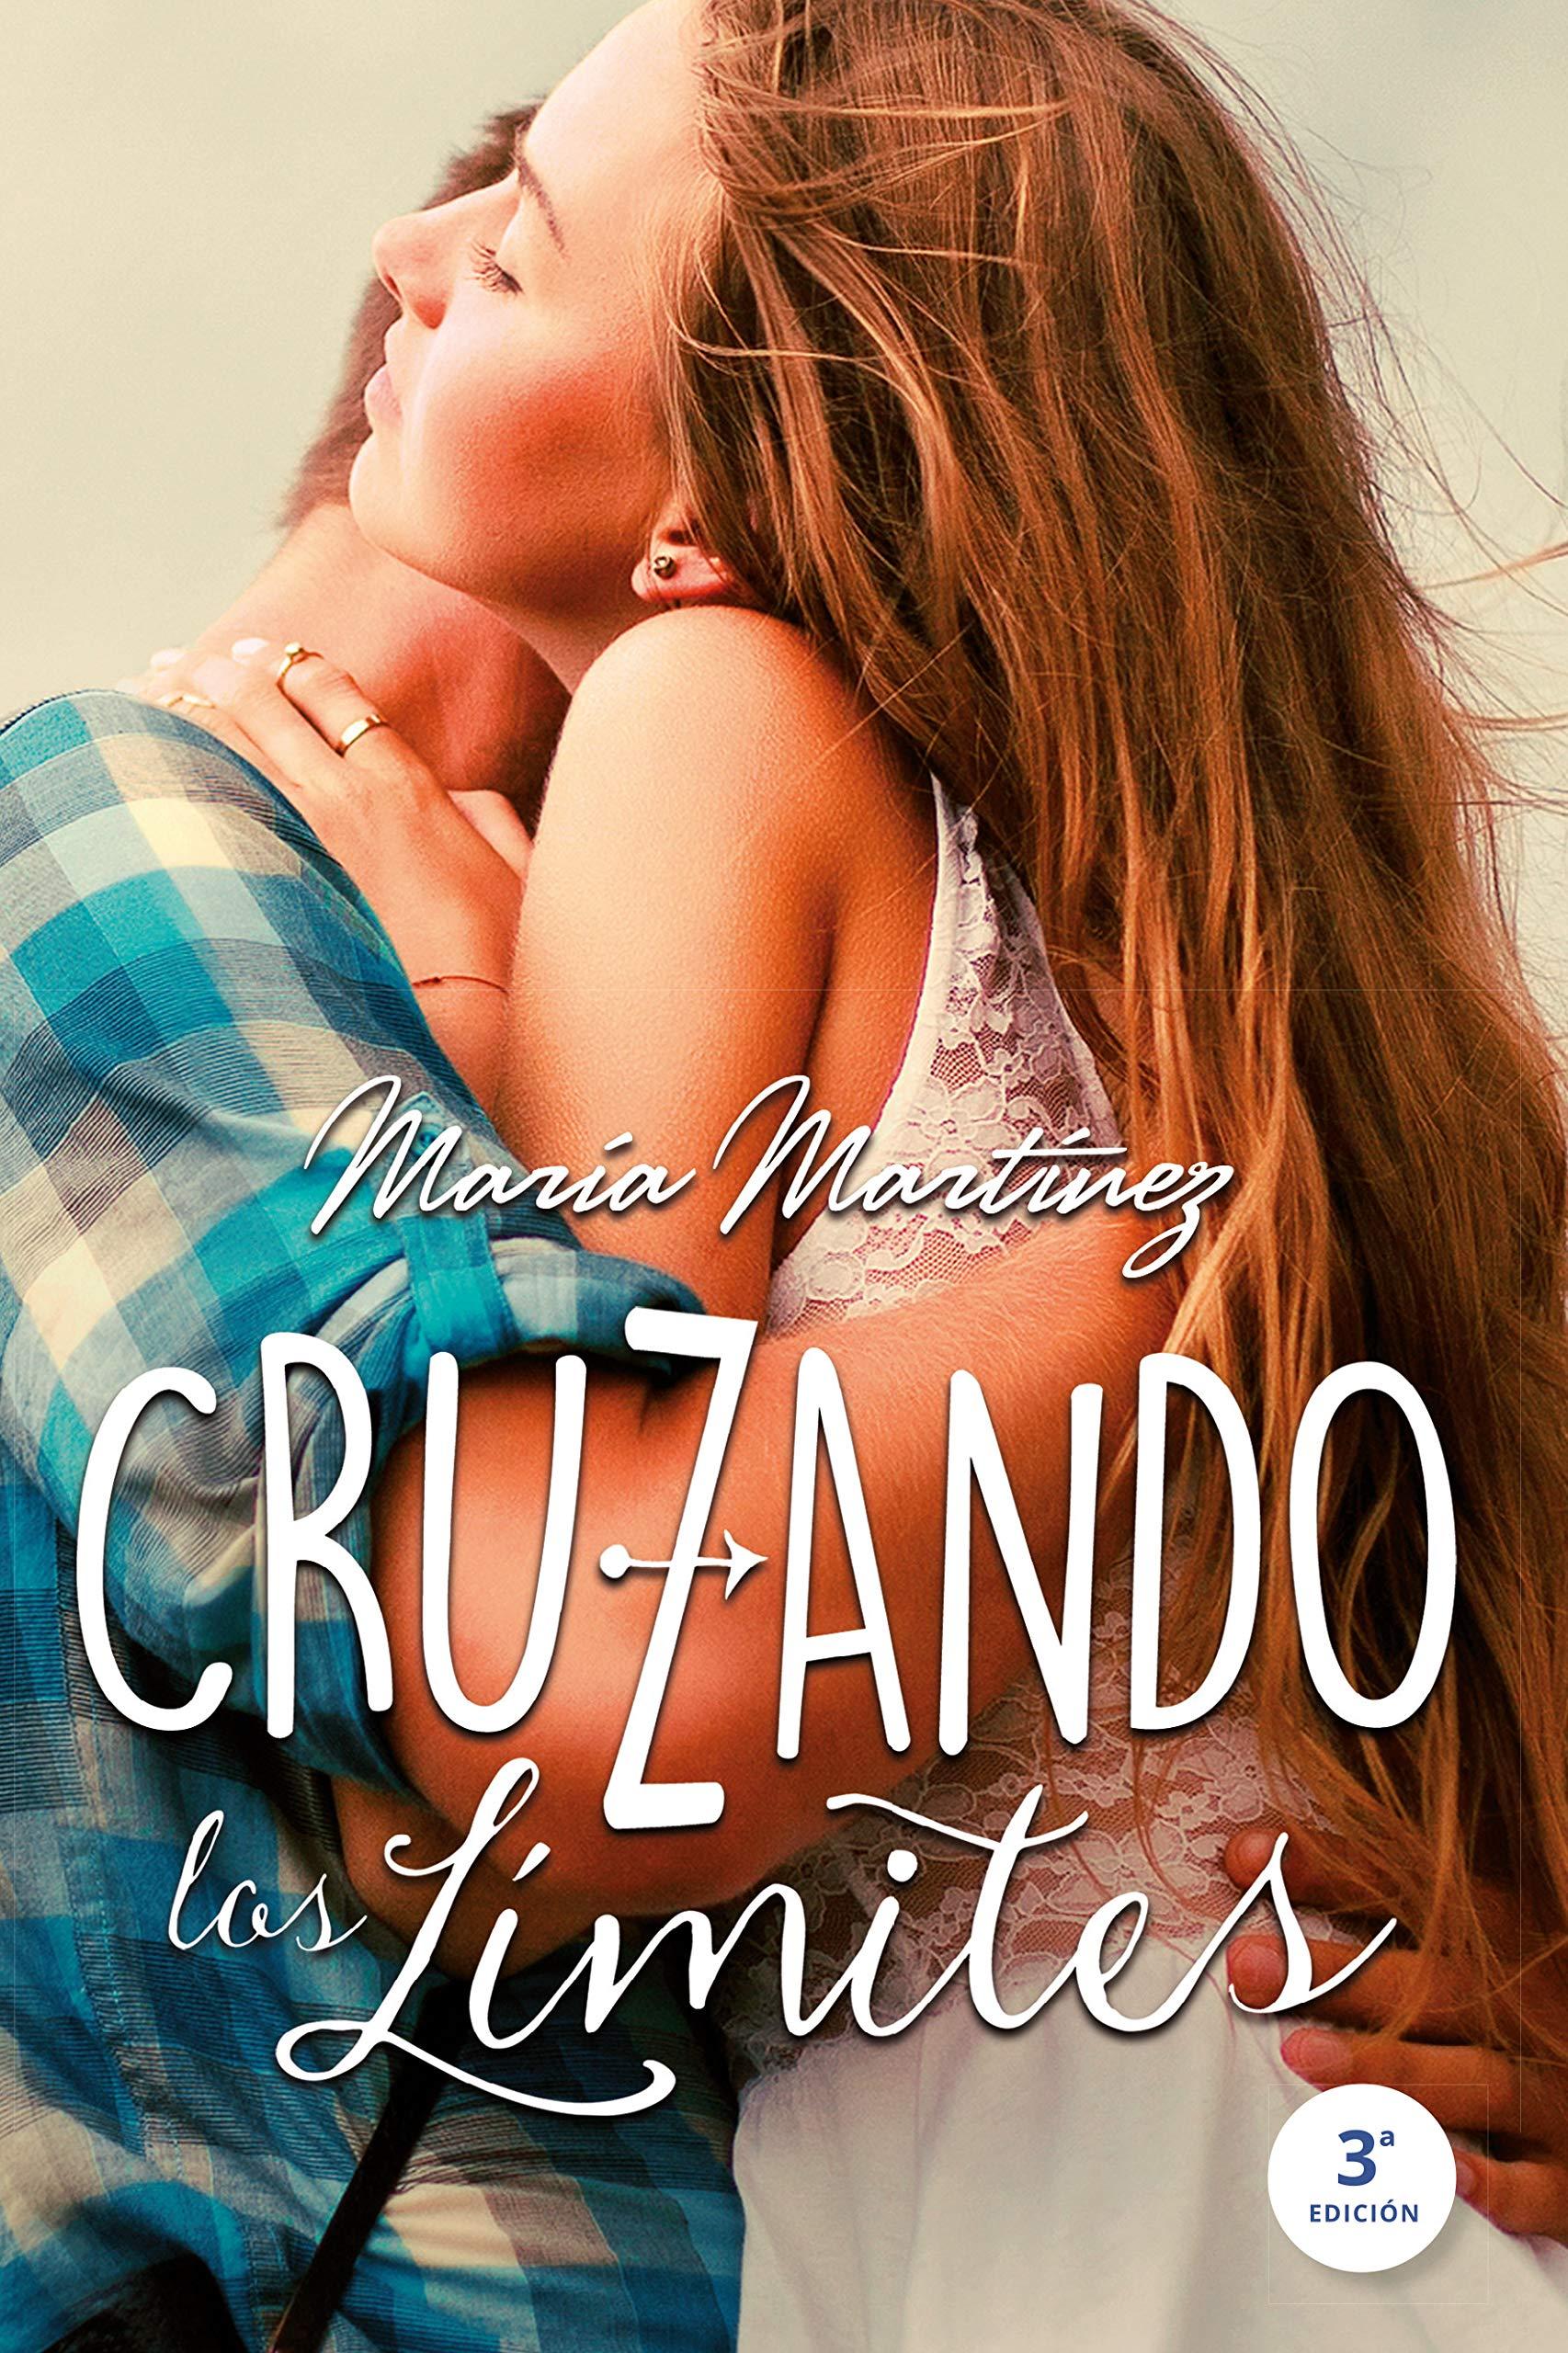 Cruzando los límites (Titania fresh): Amazon.es: Martínez, María: Libros